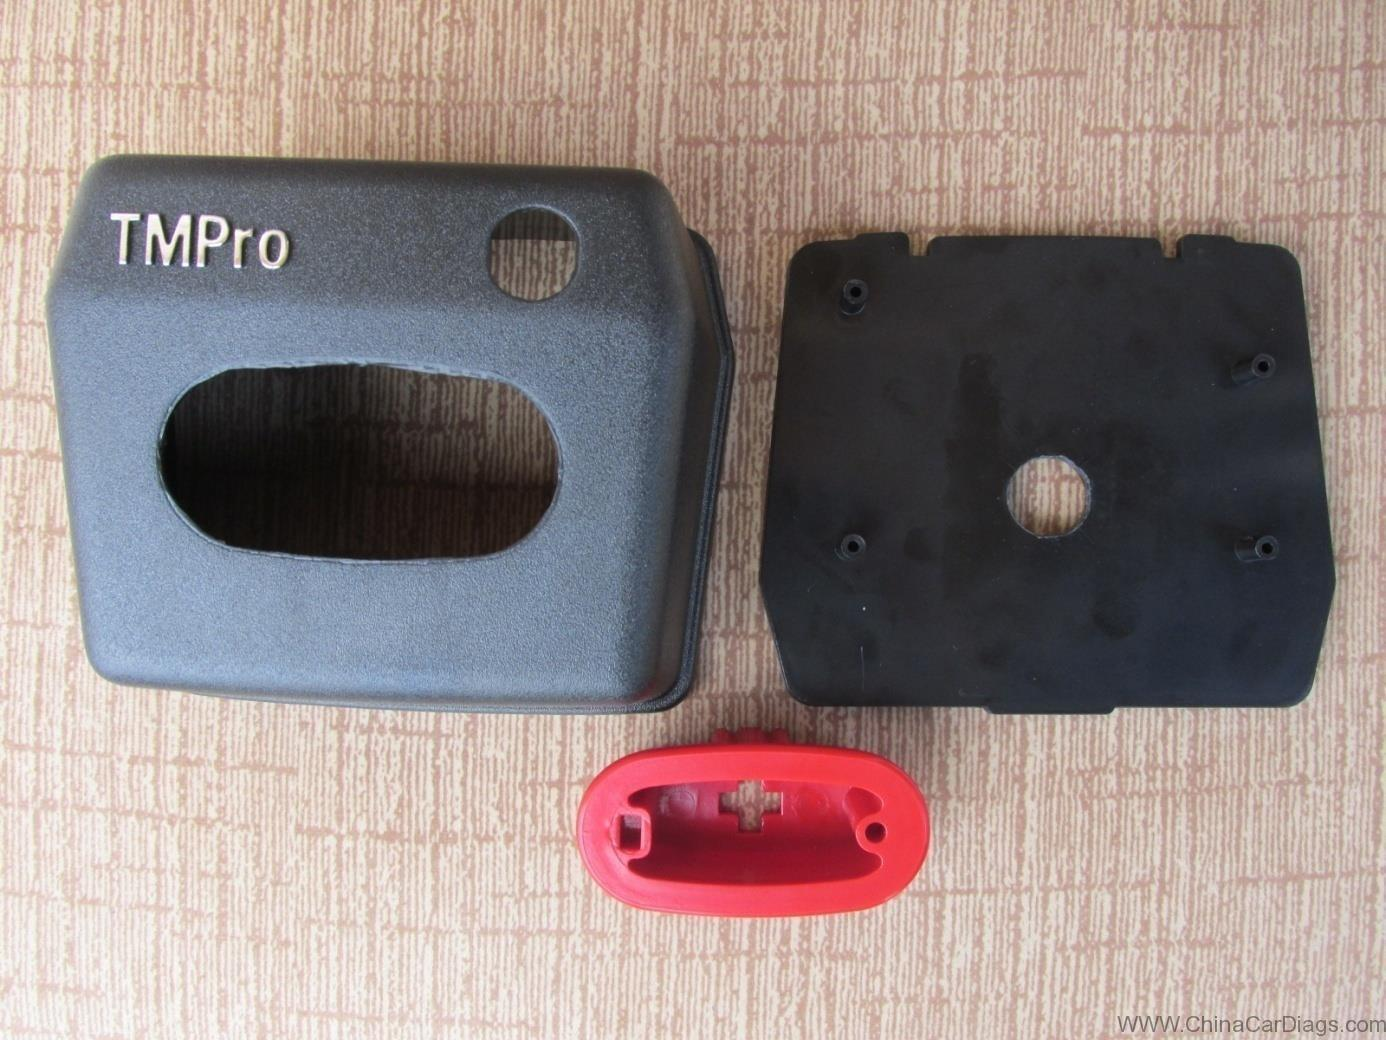 TMPRO2-hardware-update-5